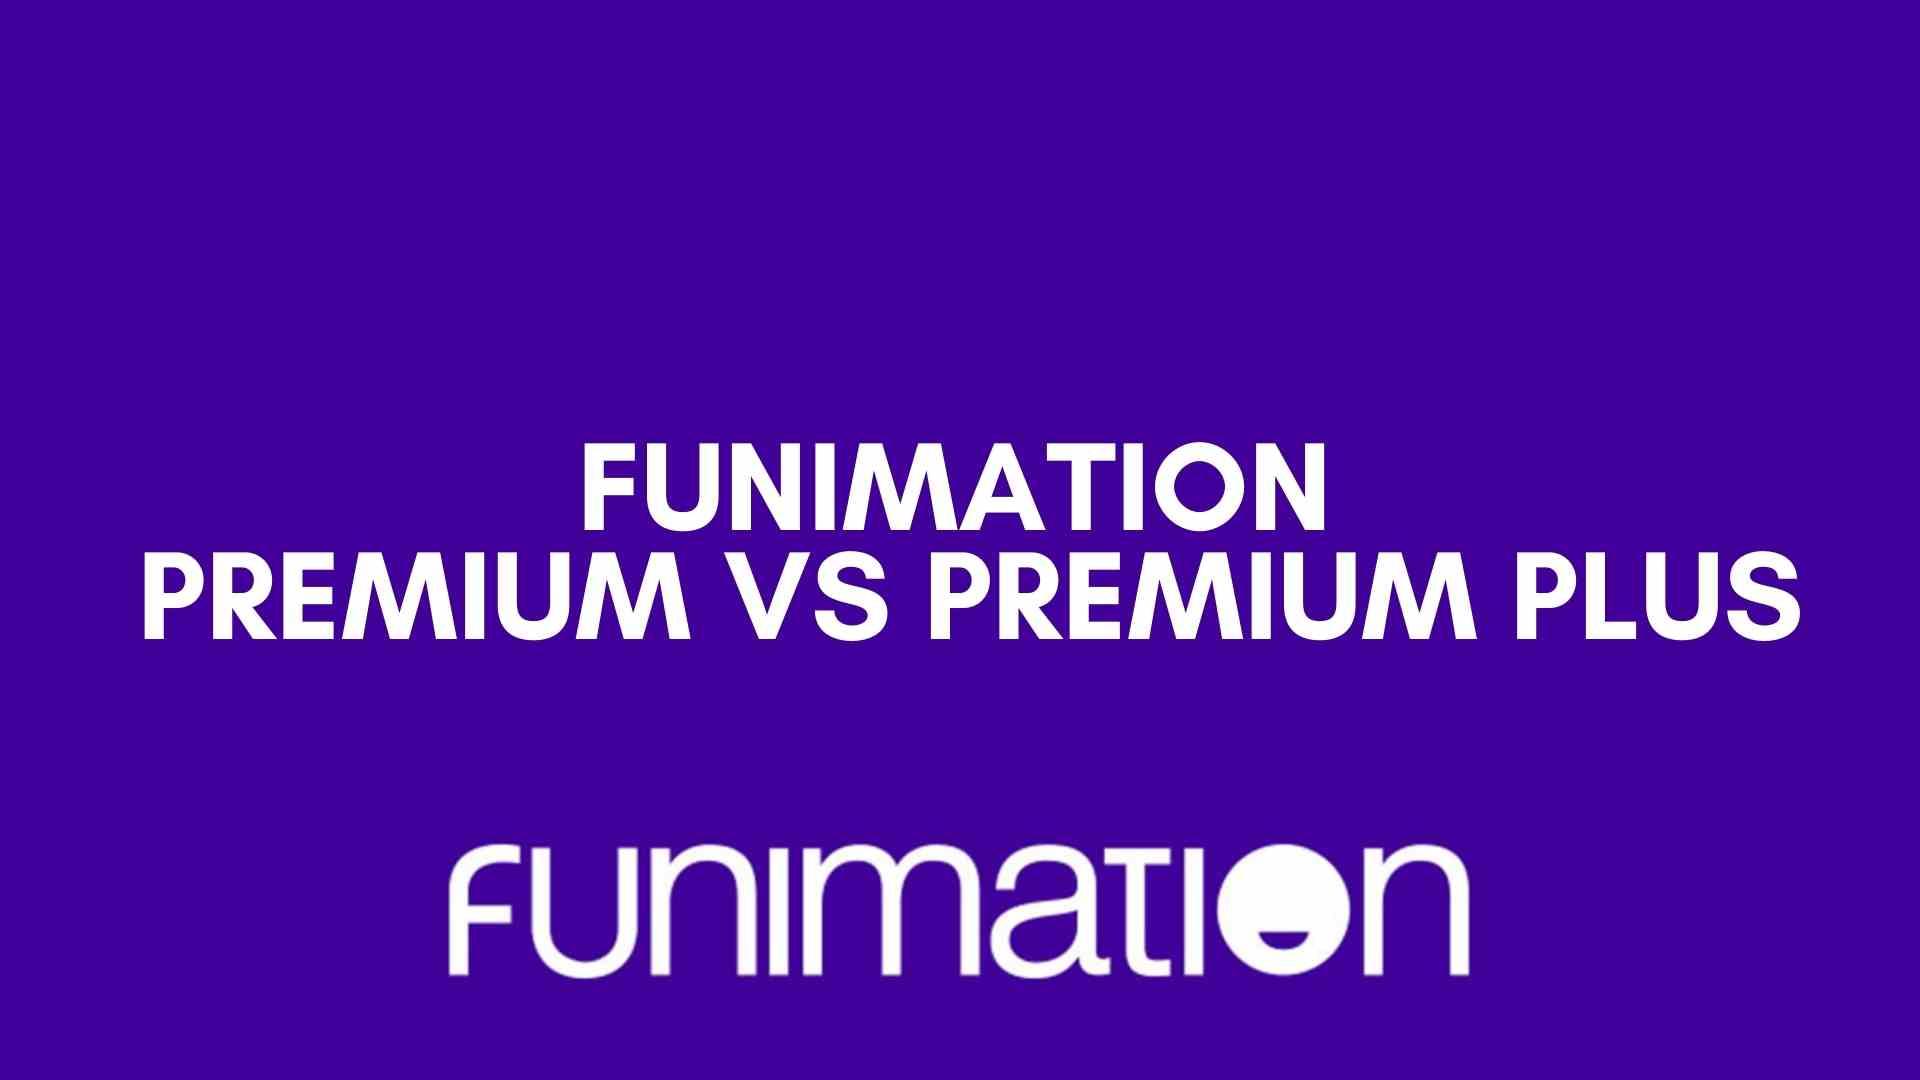 Funimation Premium vs Premium Plus